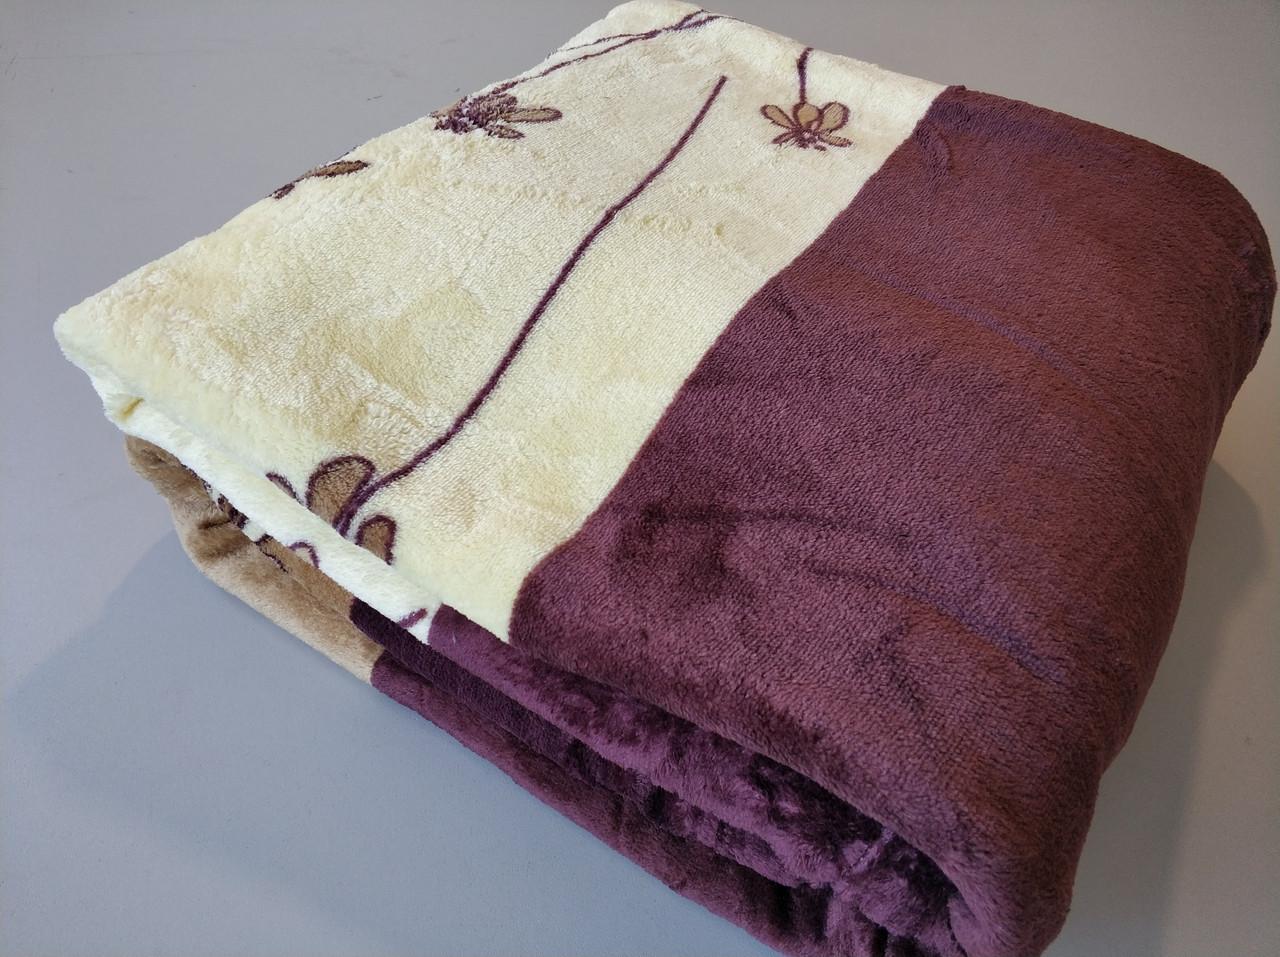 Микрофибровая простынь, плед, покрывало Elway полуторное Фиалка бежевая